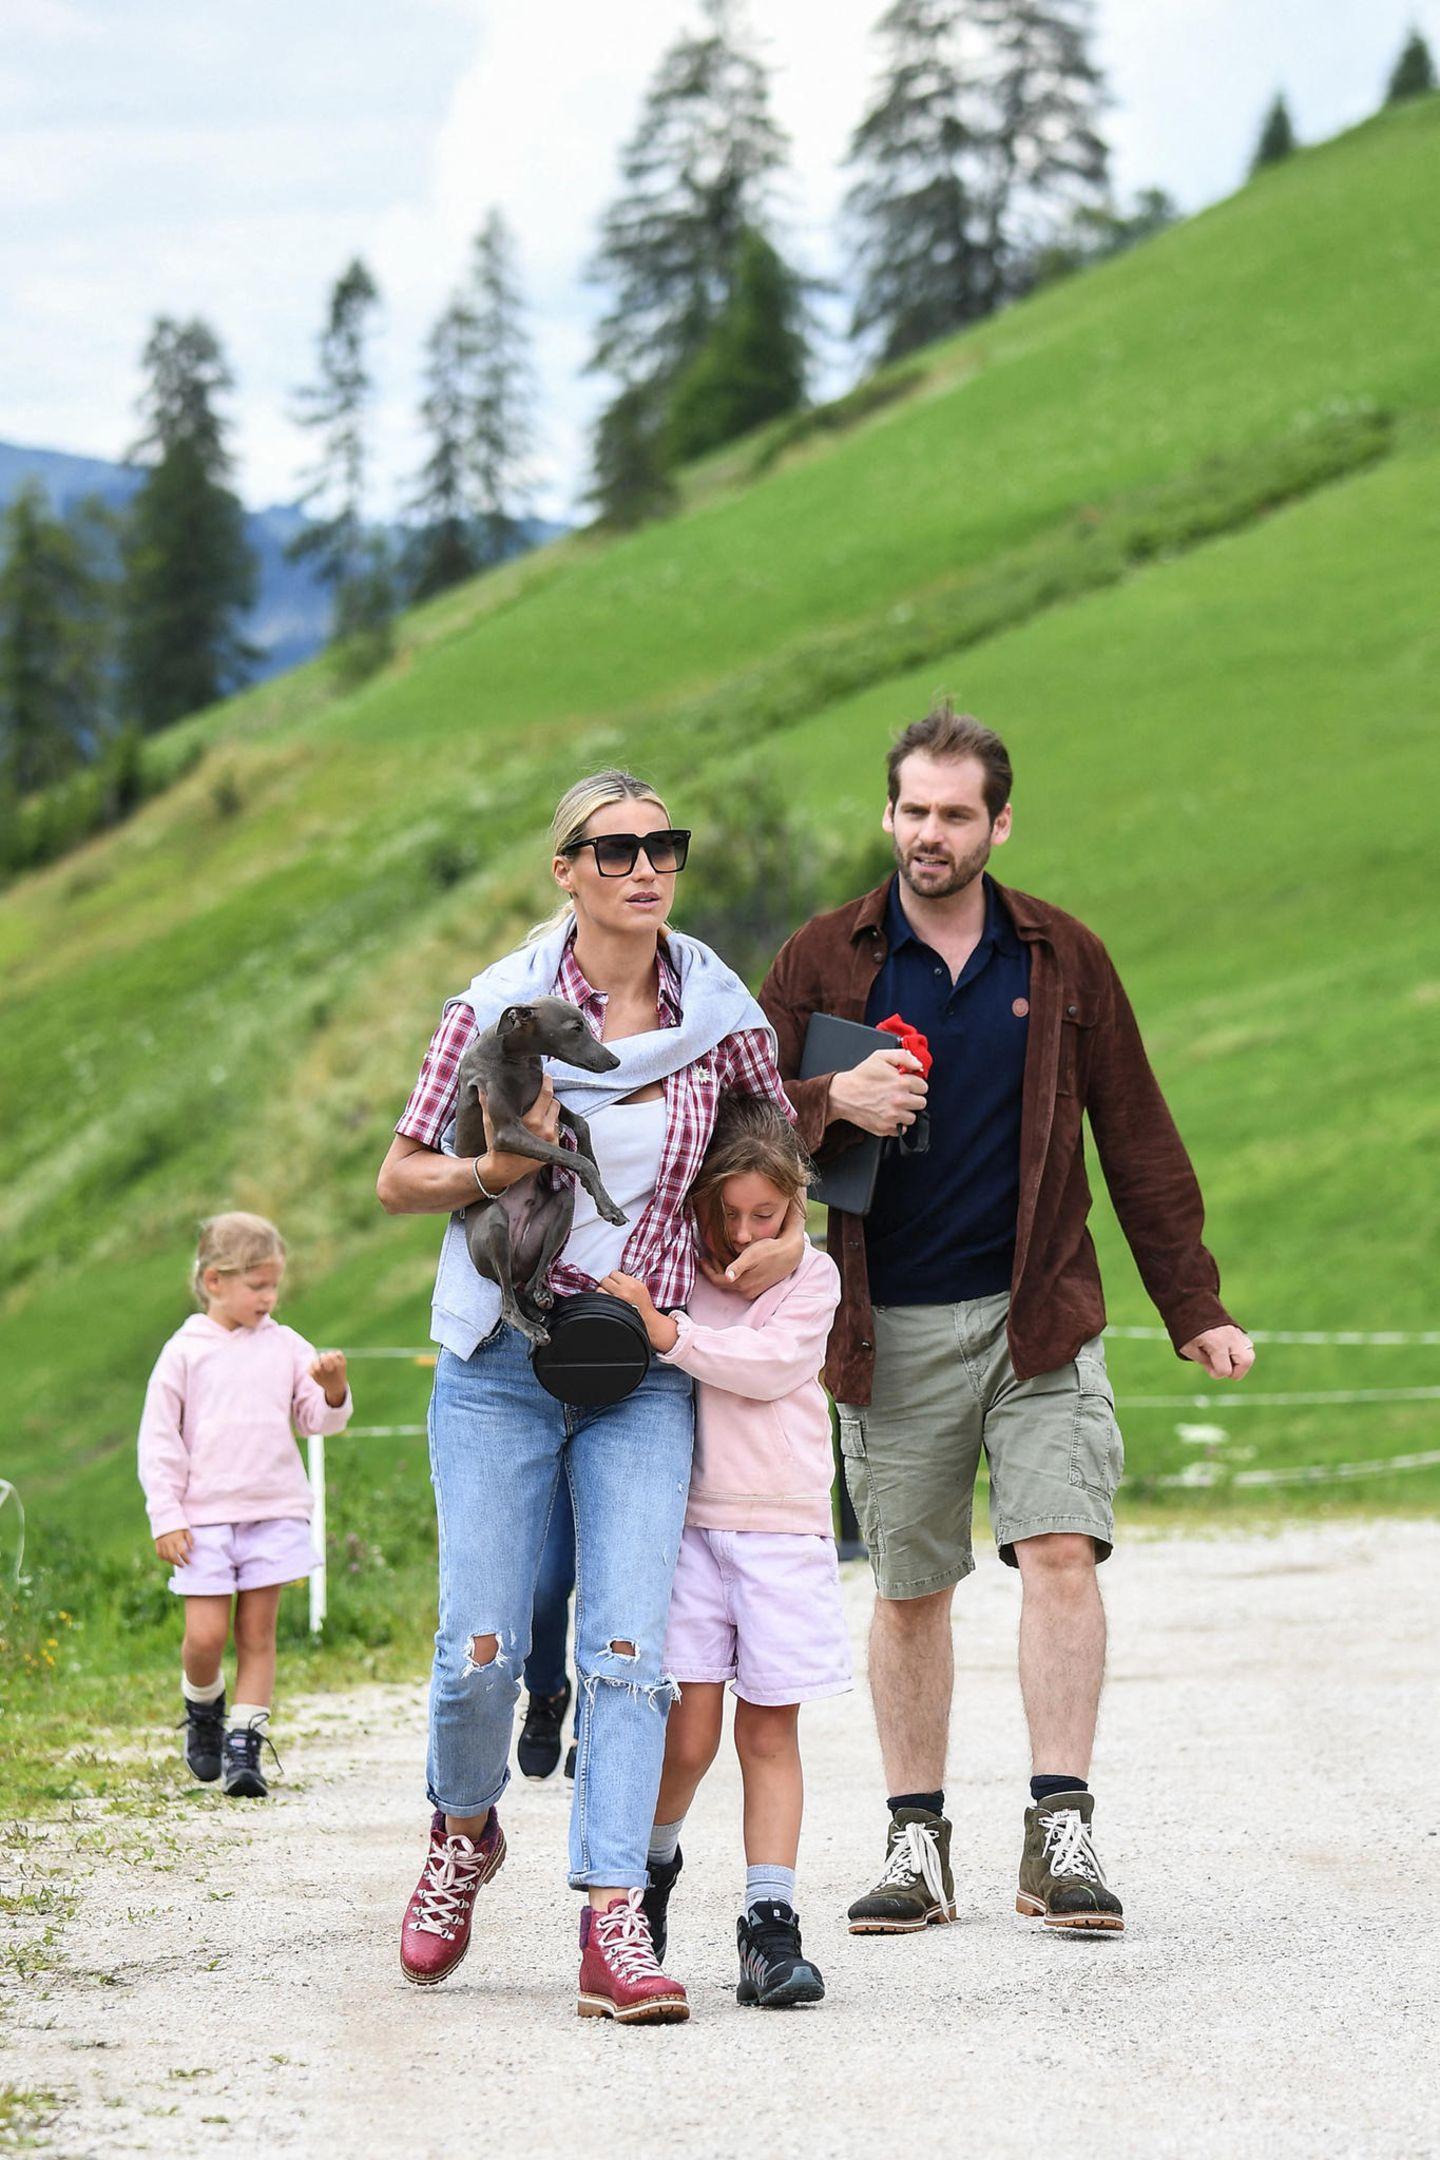 25. Juli 2020  Das schöne Wochenende nutzen Michelle Hunziker und Tomaso Trussardifür einen Familienausflug in die Südtiroler Berge. Auch ihrebeiden Töchter haben dieWanderschuhe geschnürt, allerdings scheint sich dieBegeisterung zu Beginn noch in Grenzen zu halten. Sole möchte es jedenfalls gemütlich angehen und lieber mit ihrer Mutter kuscheln.